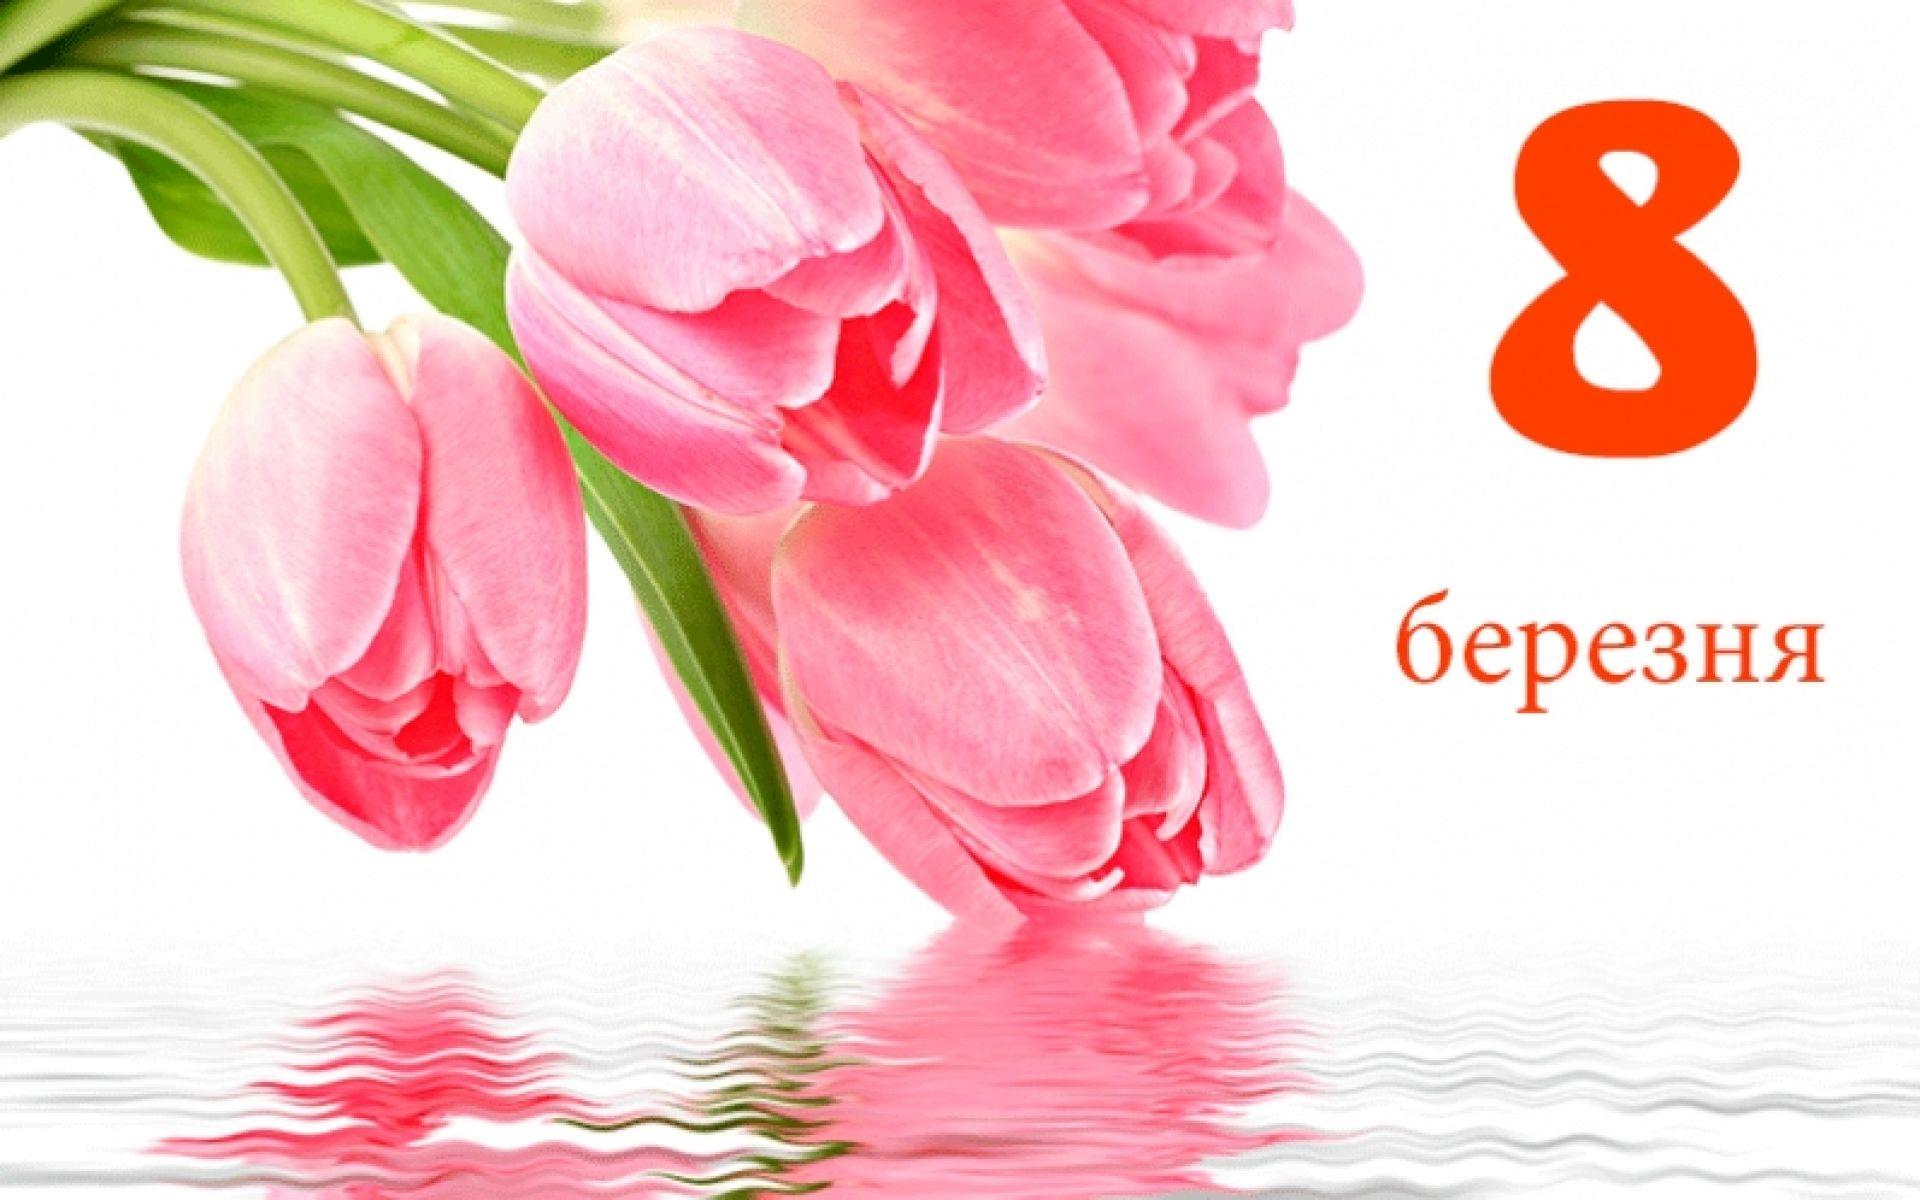 Про 8 березня школярам: свято весни, жінок чи фемінізму?